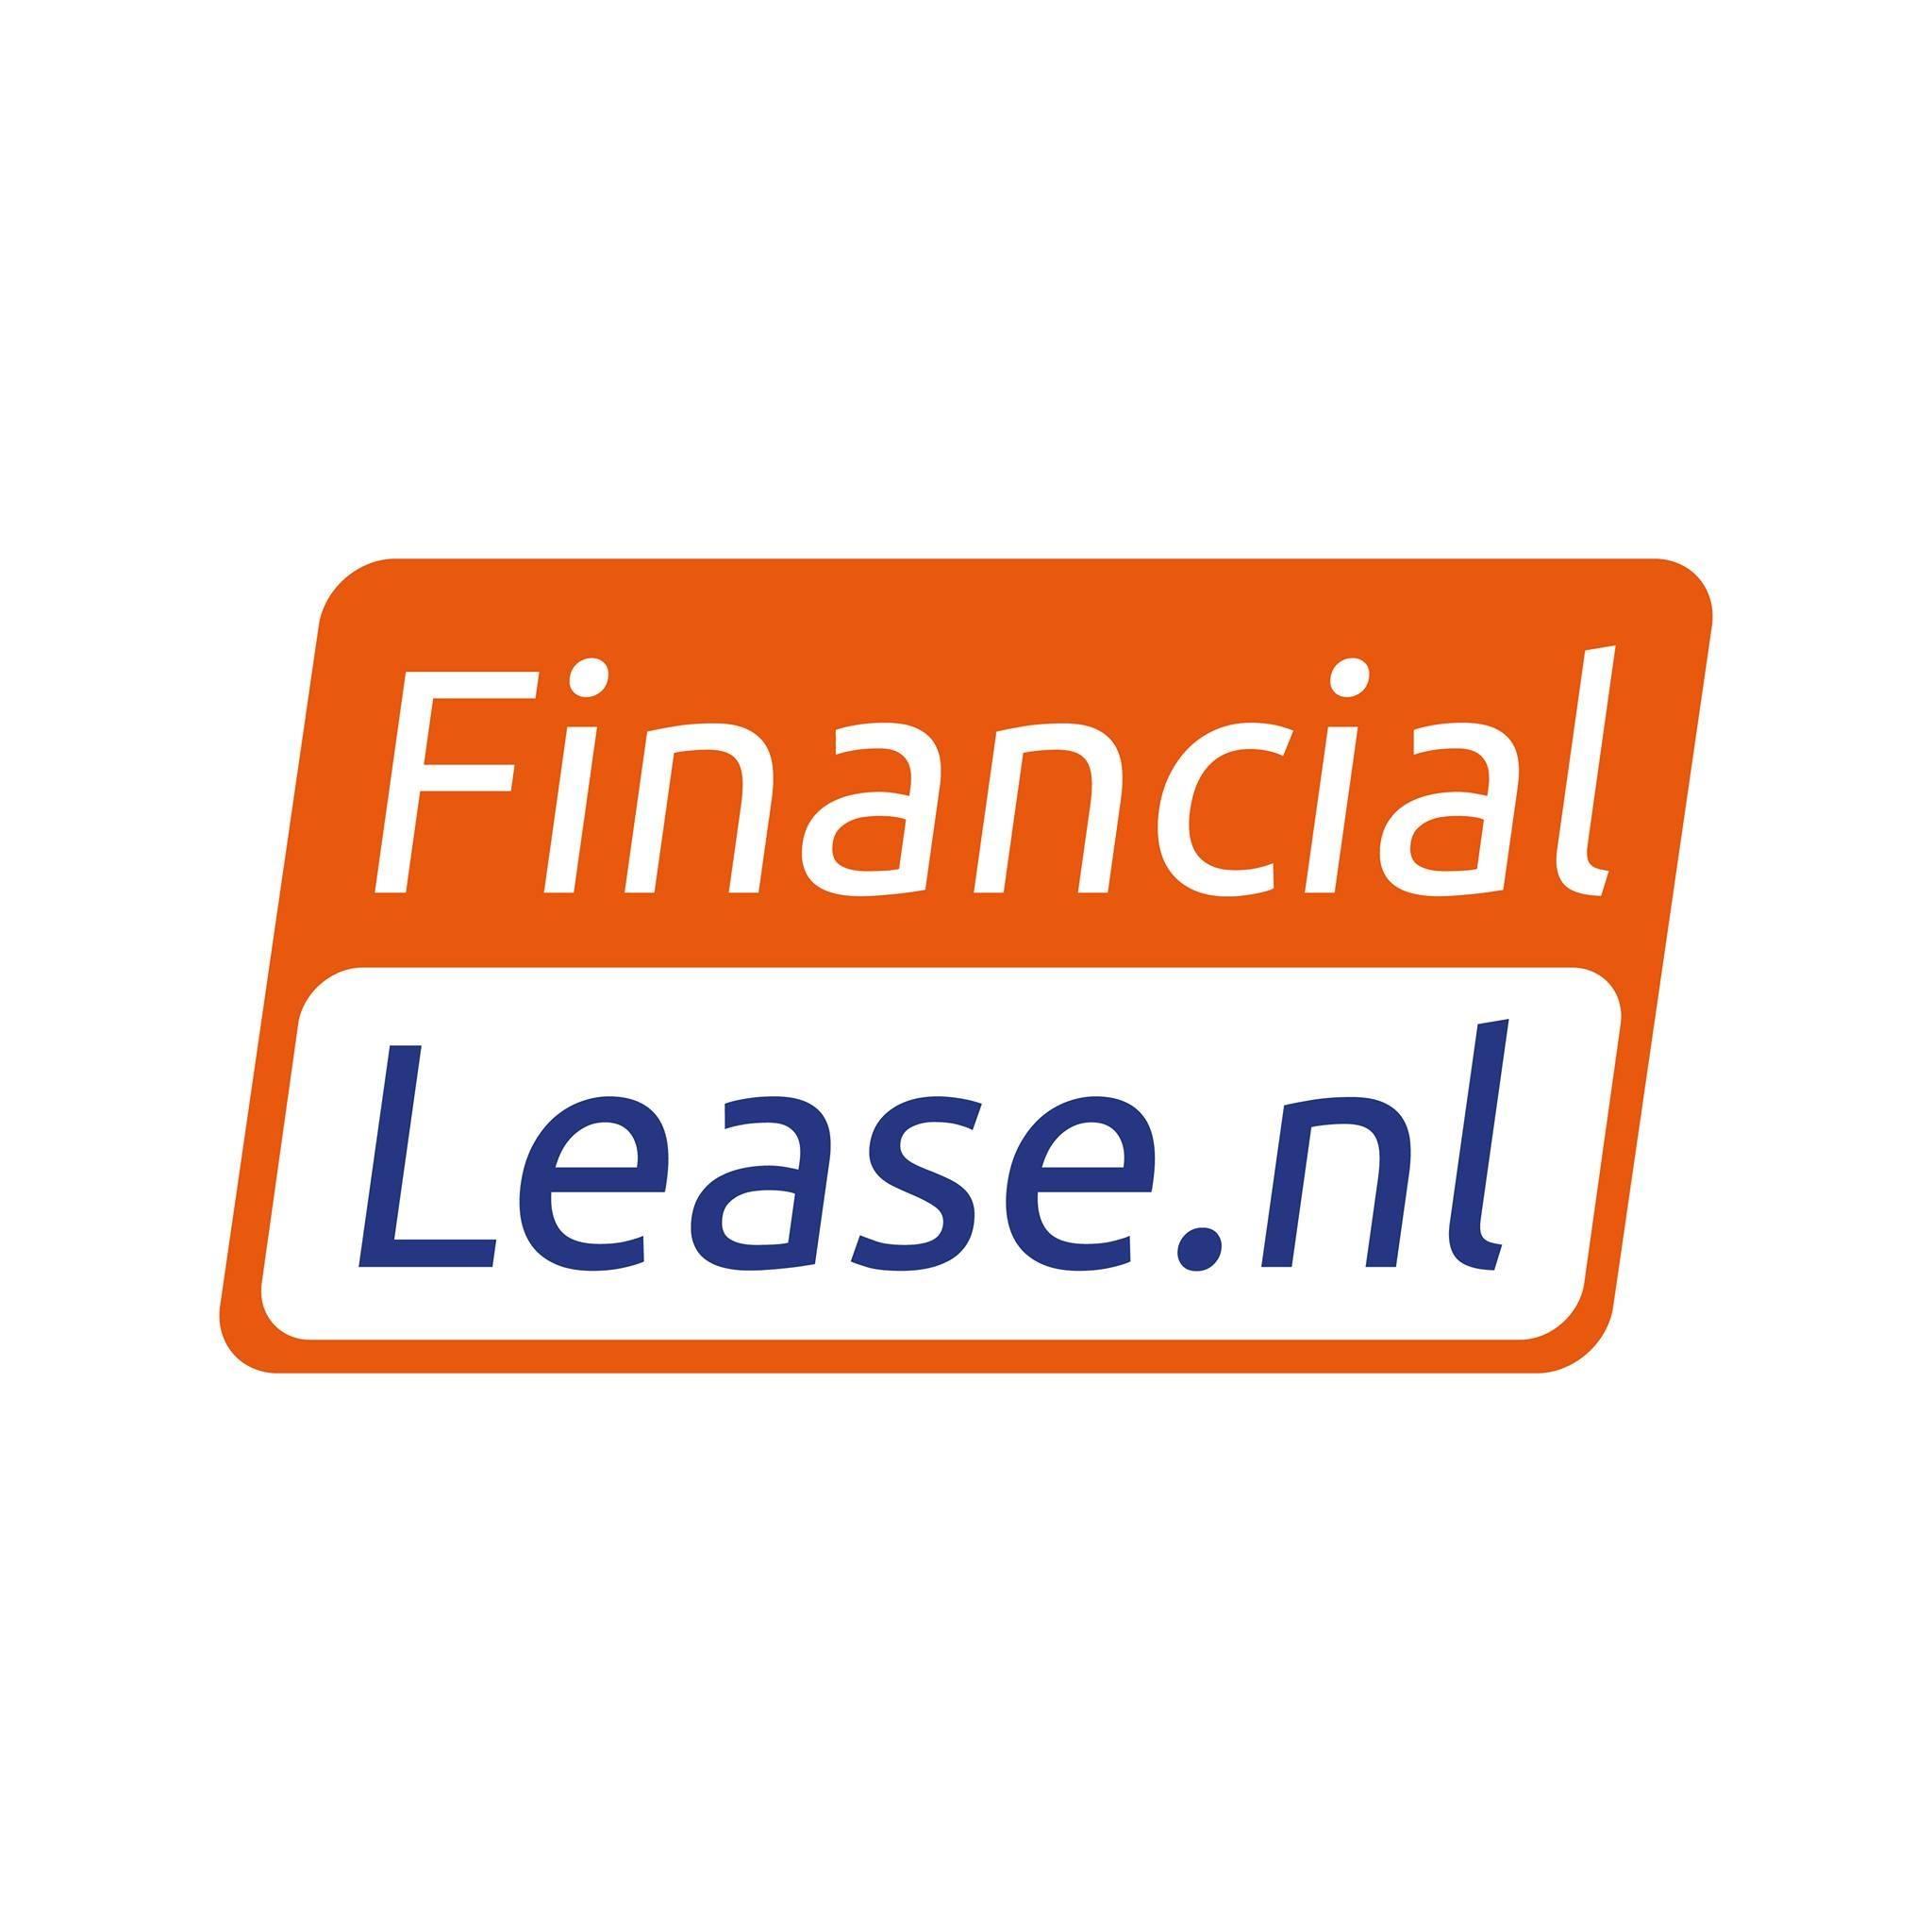 Financiallease.nl reviews, beoordelingen en ervaringen